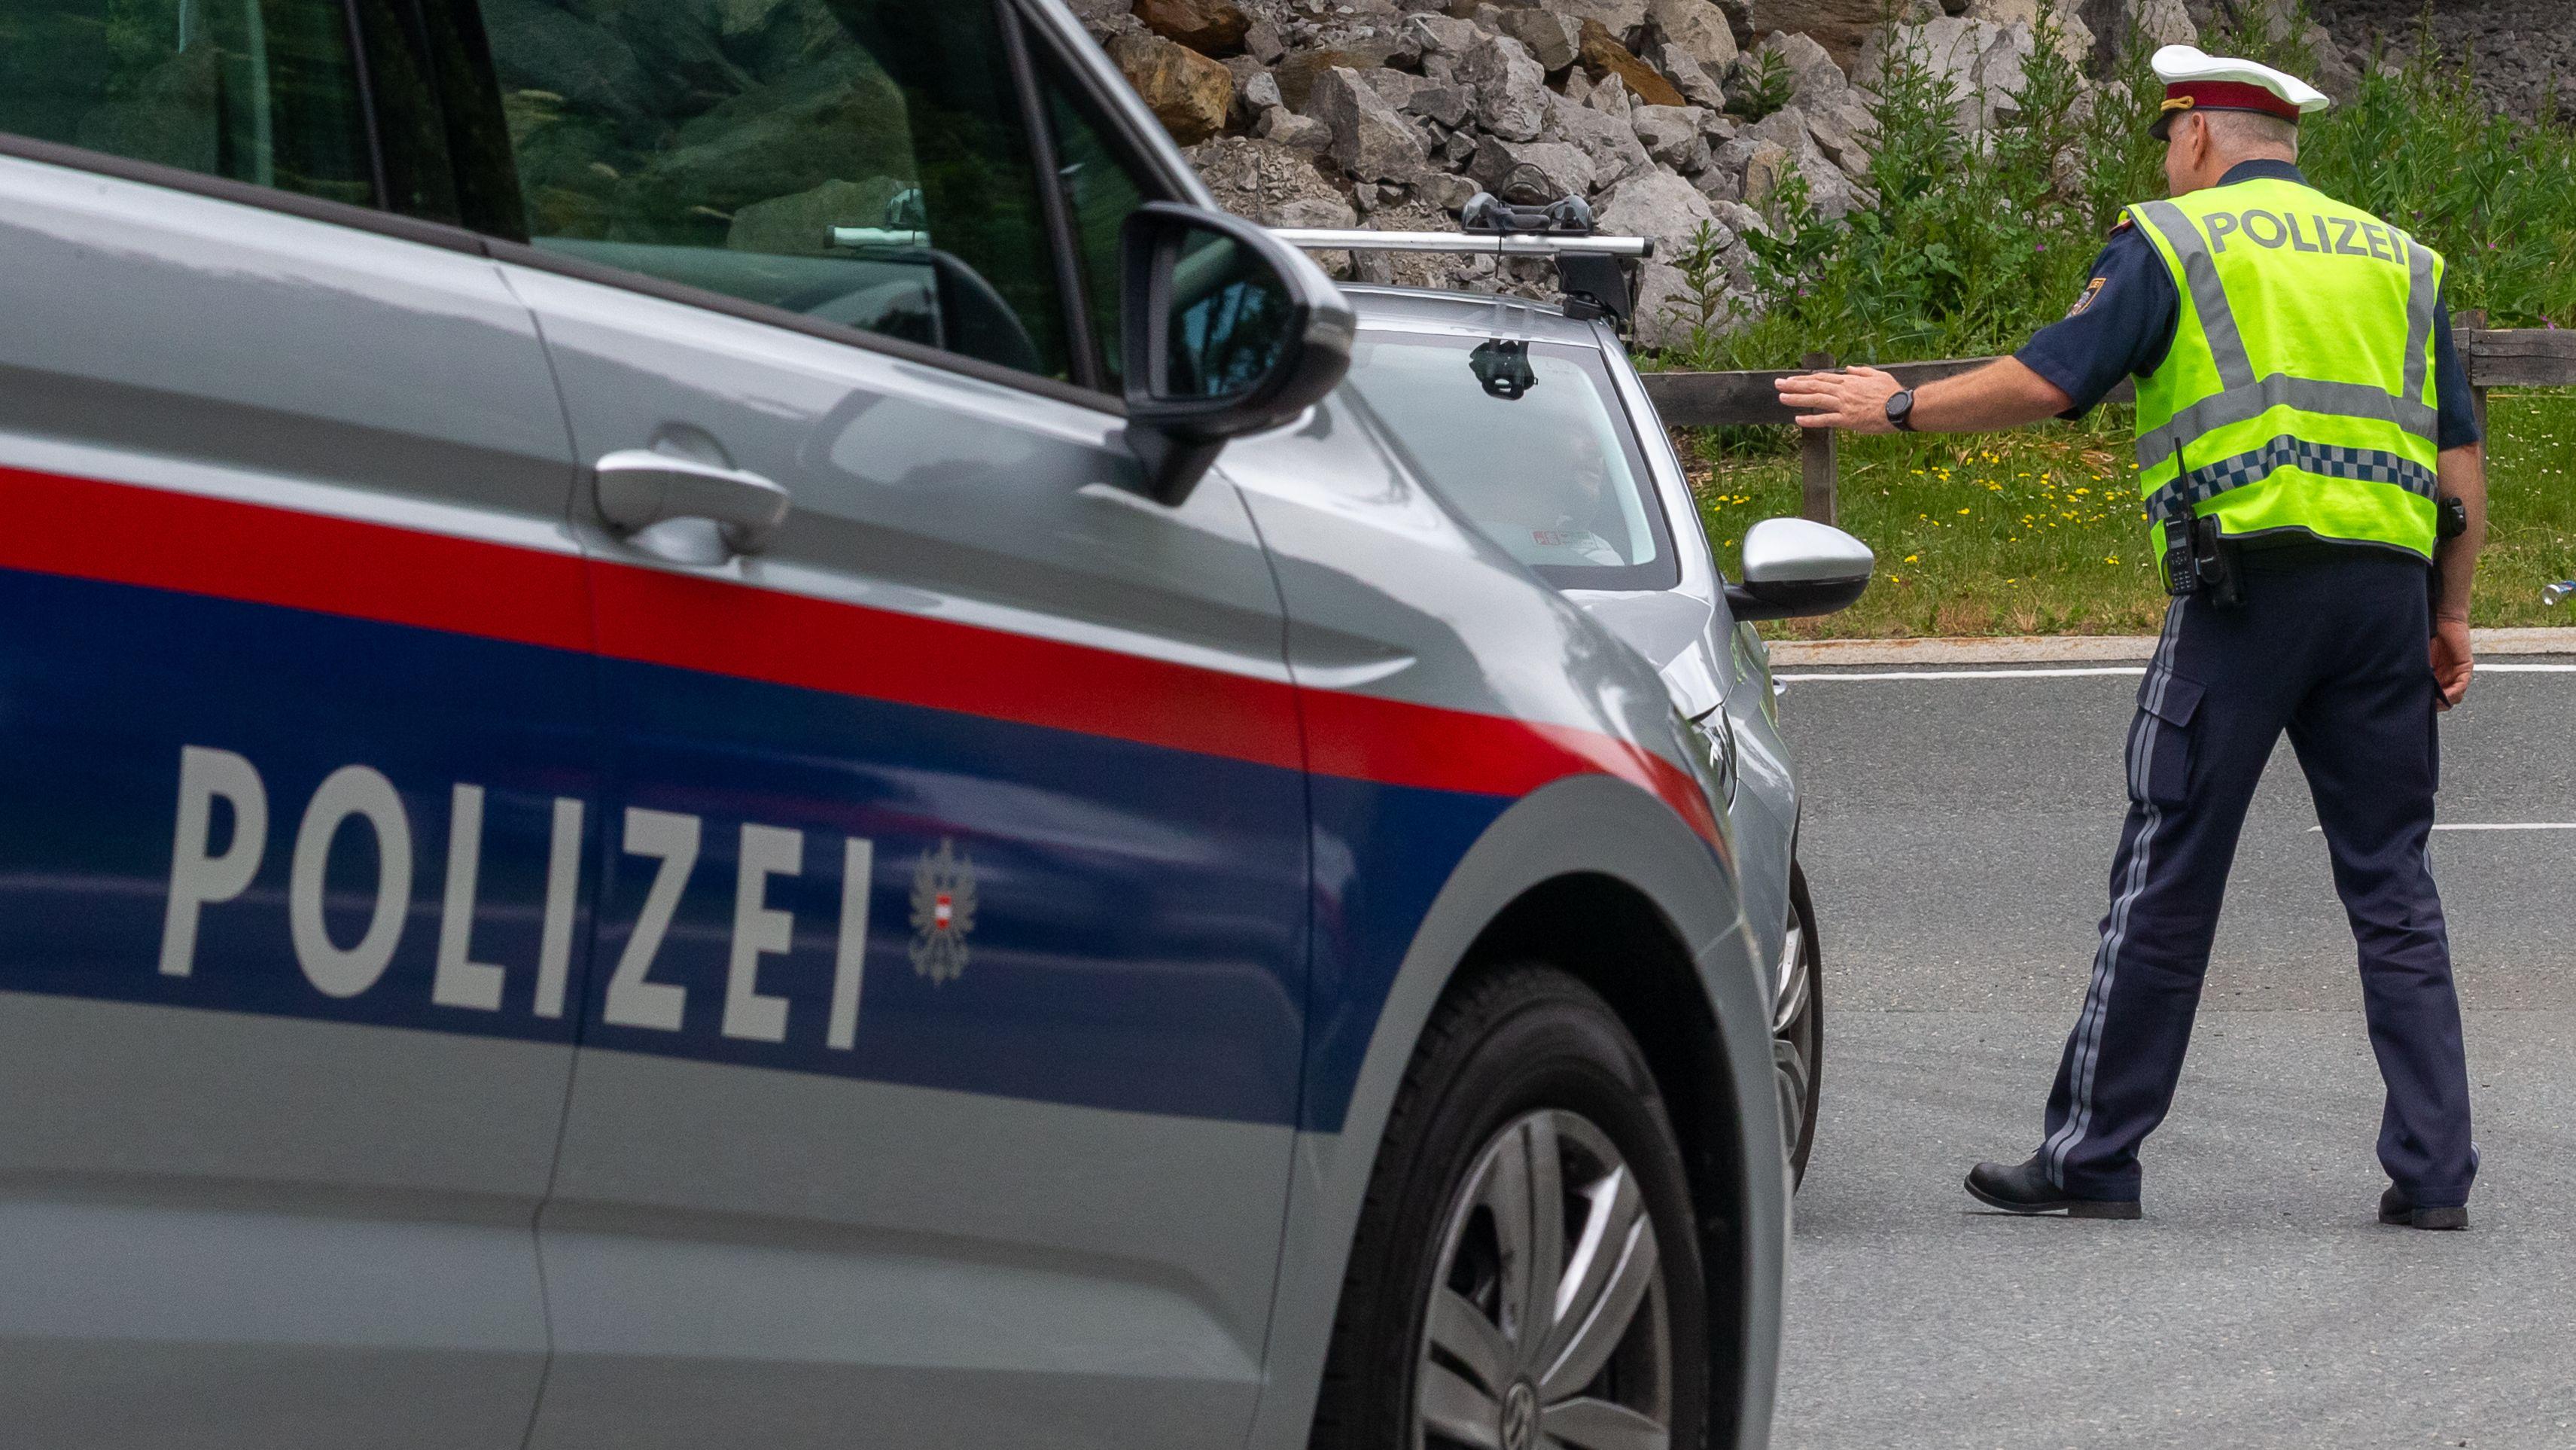 Streifenwagen in Tirol – im Hintergrund kontrolliert ein Polizist einen Pkw